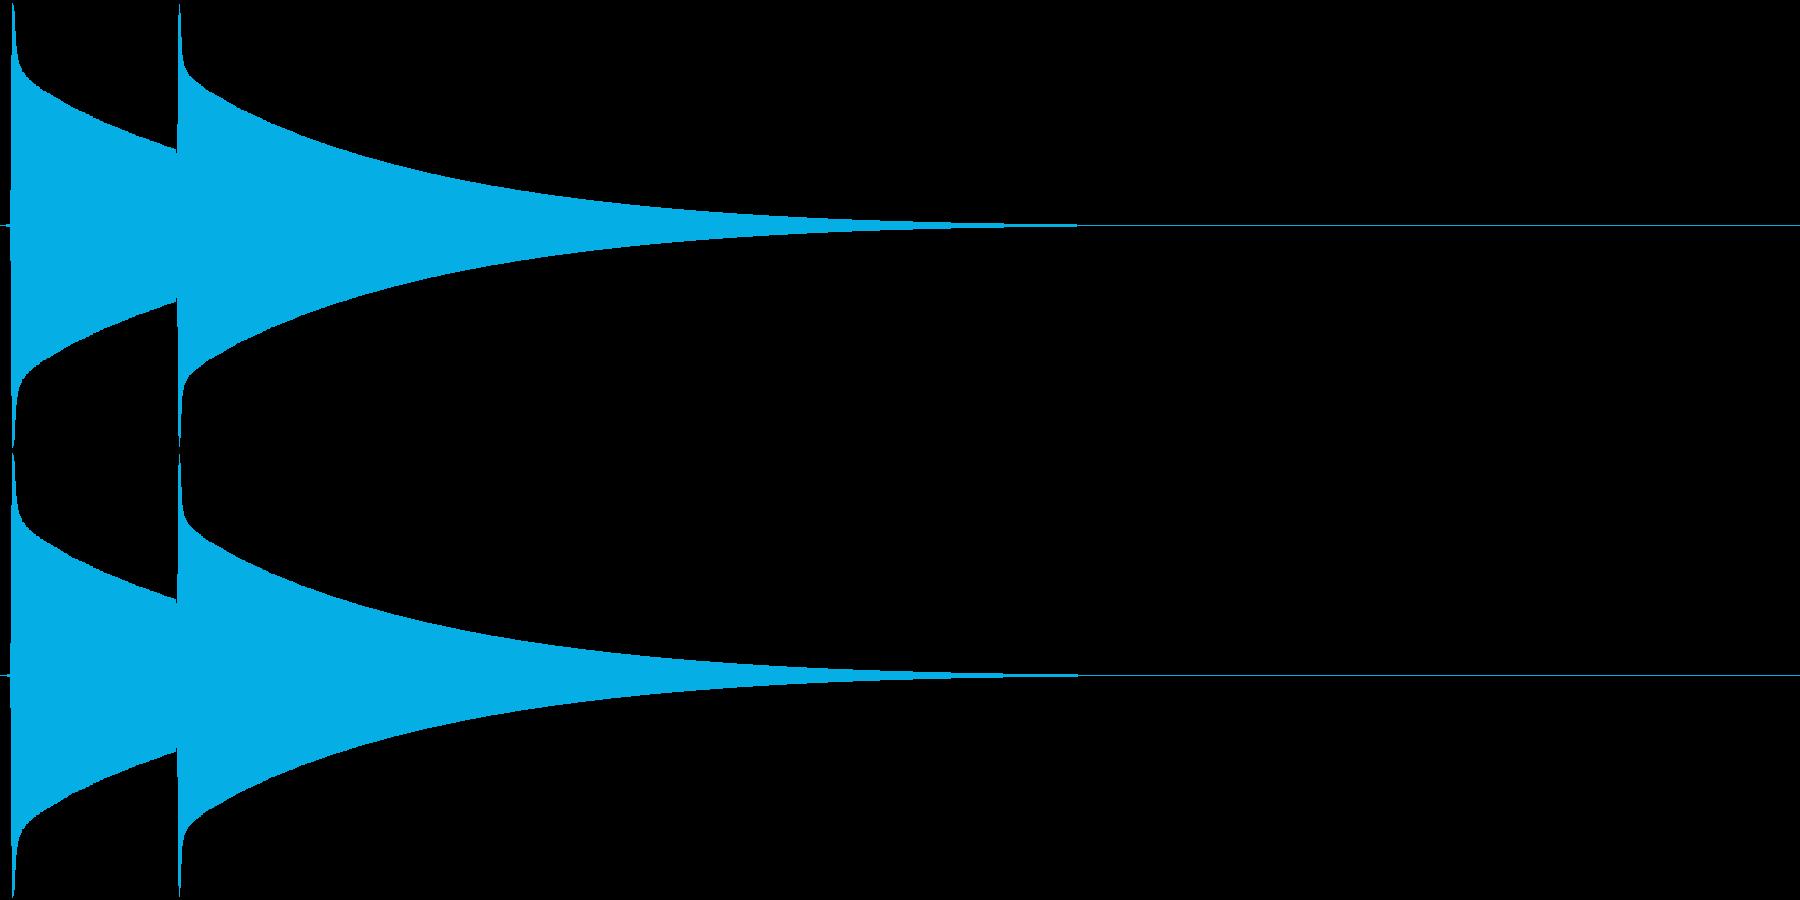 ピンポーン(チャイム、インターホン)の再生済みの波形